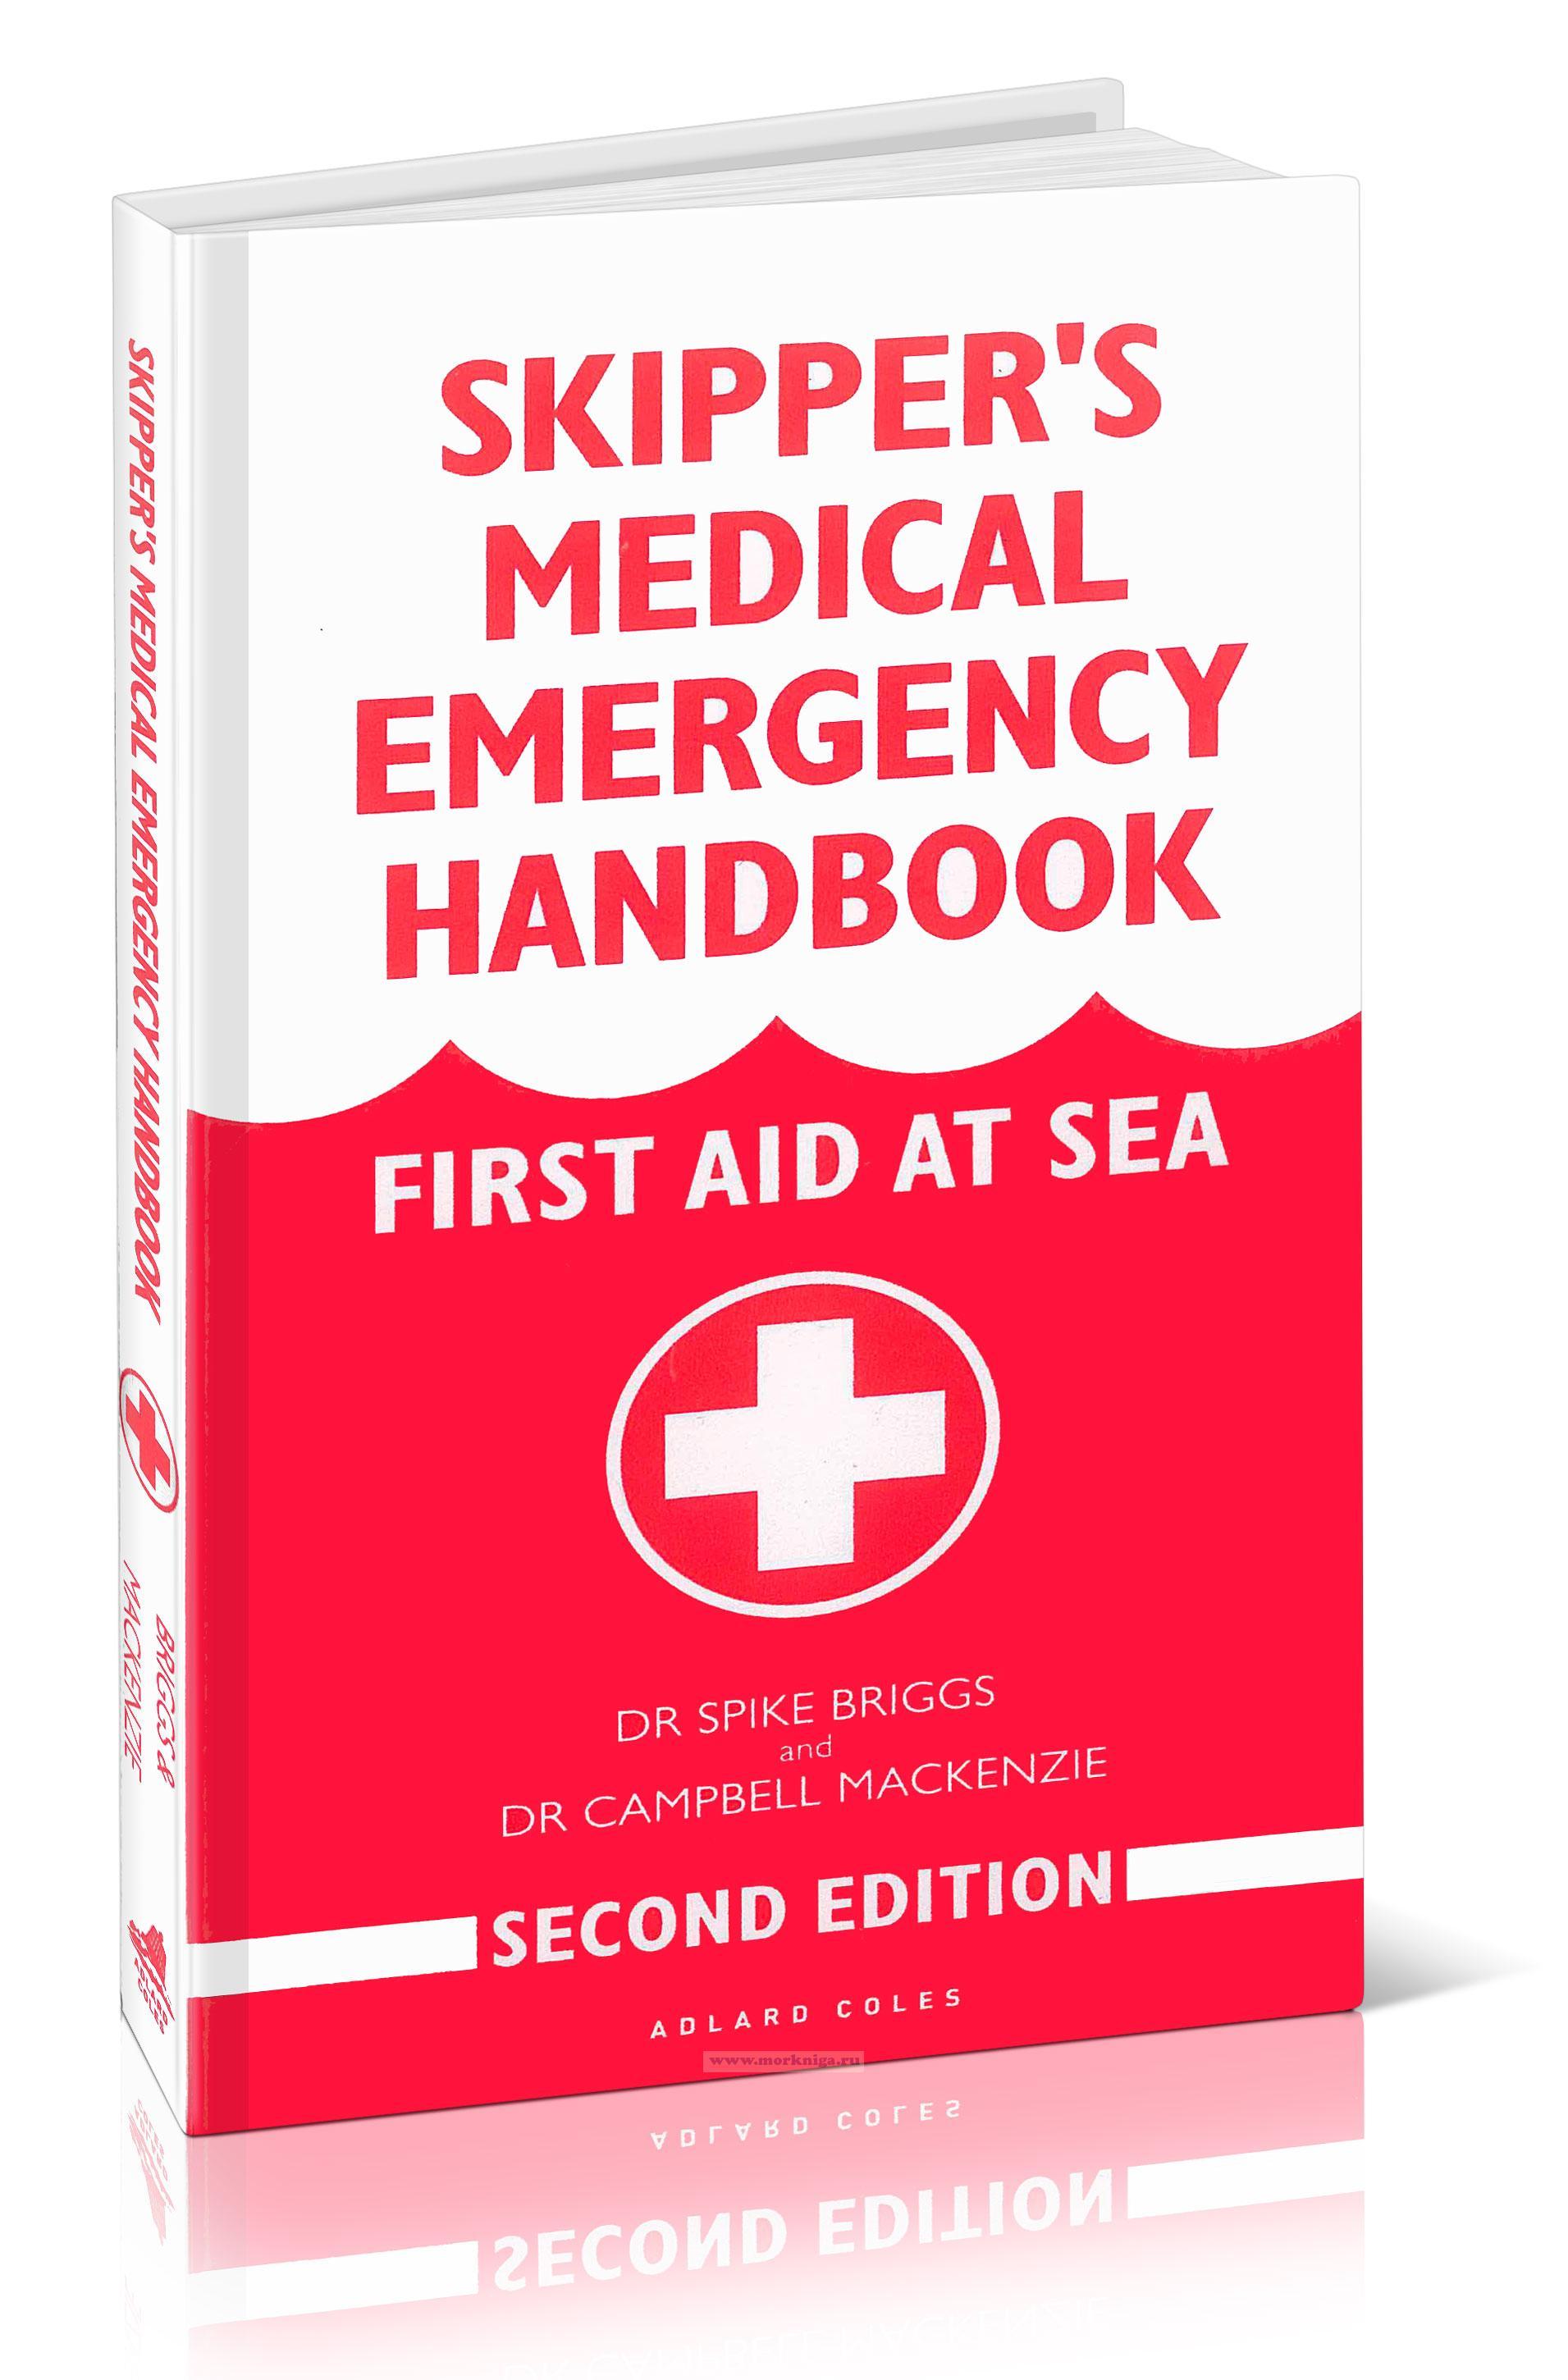 Skipper's Medical Emergency Handbook. First aid at sea. Руководство шкипера по неотложной медицинской помощи. Первая помощь на море